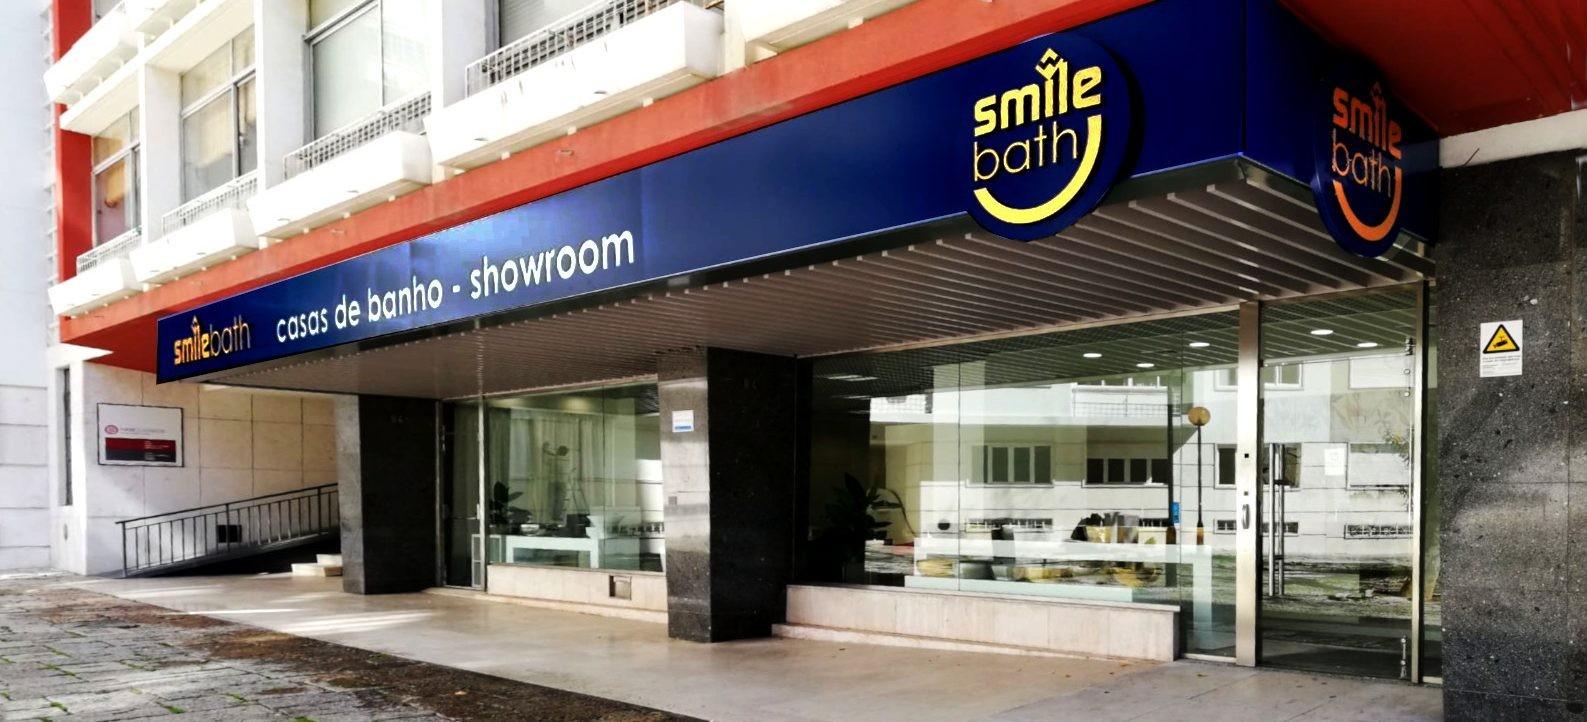 smile-bath-casas-de-banho-showrrom-lisboa_2